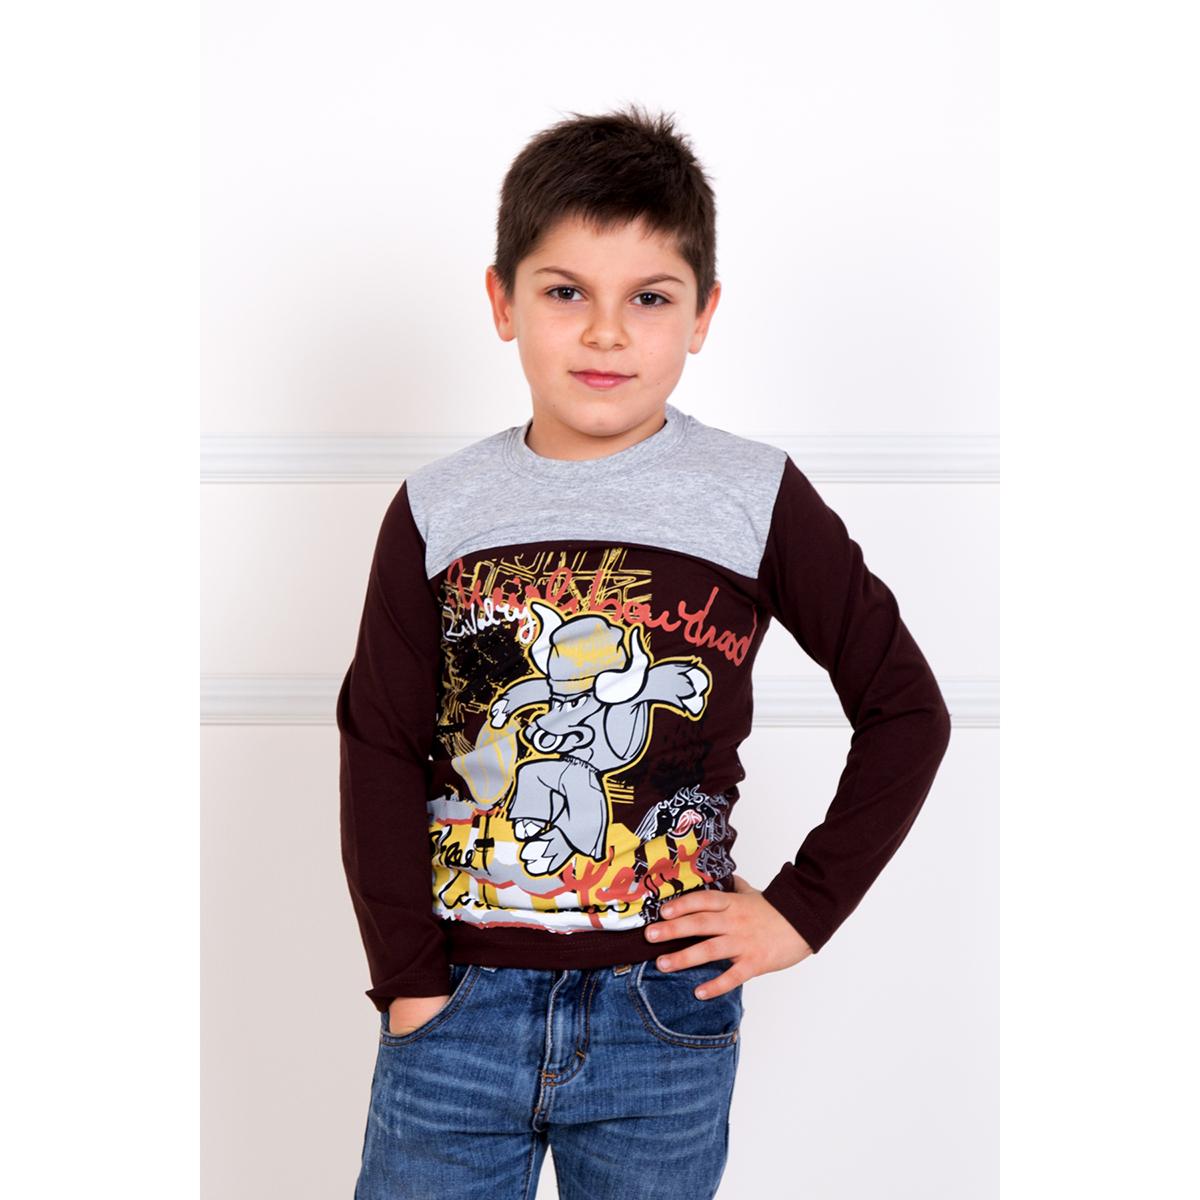 Детская футболка Кирилл Коричневый, размер 3 годаТолстовки, джемпера и рубашки<br><br><br>Тип: Дет. футболка<br>Размер: 3 года<br>Материал: Кулирка